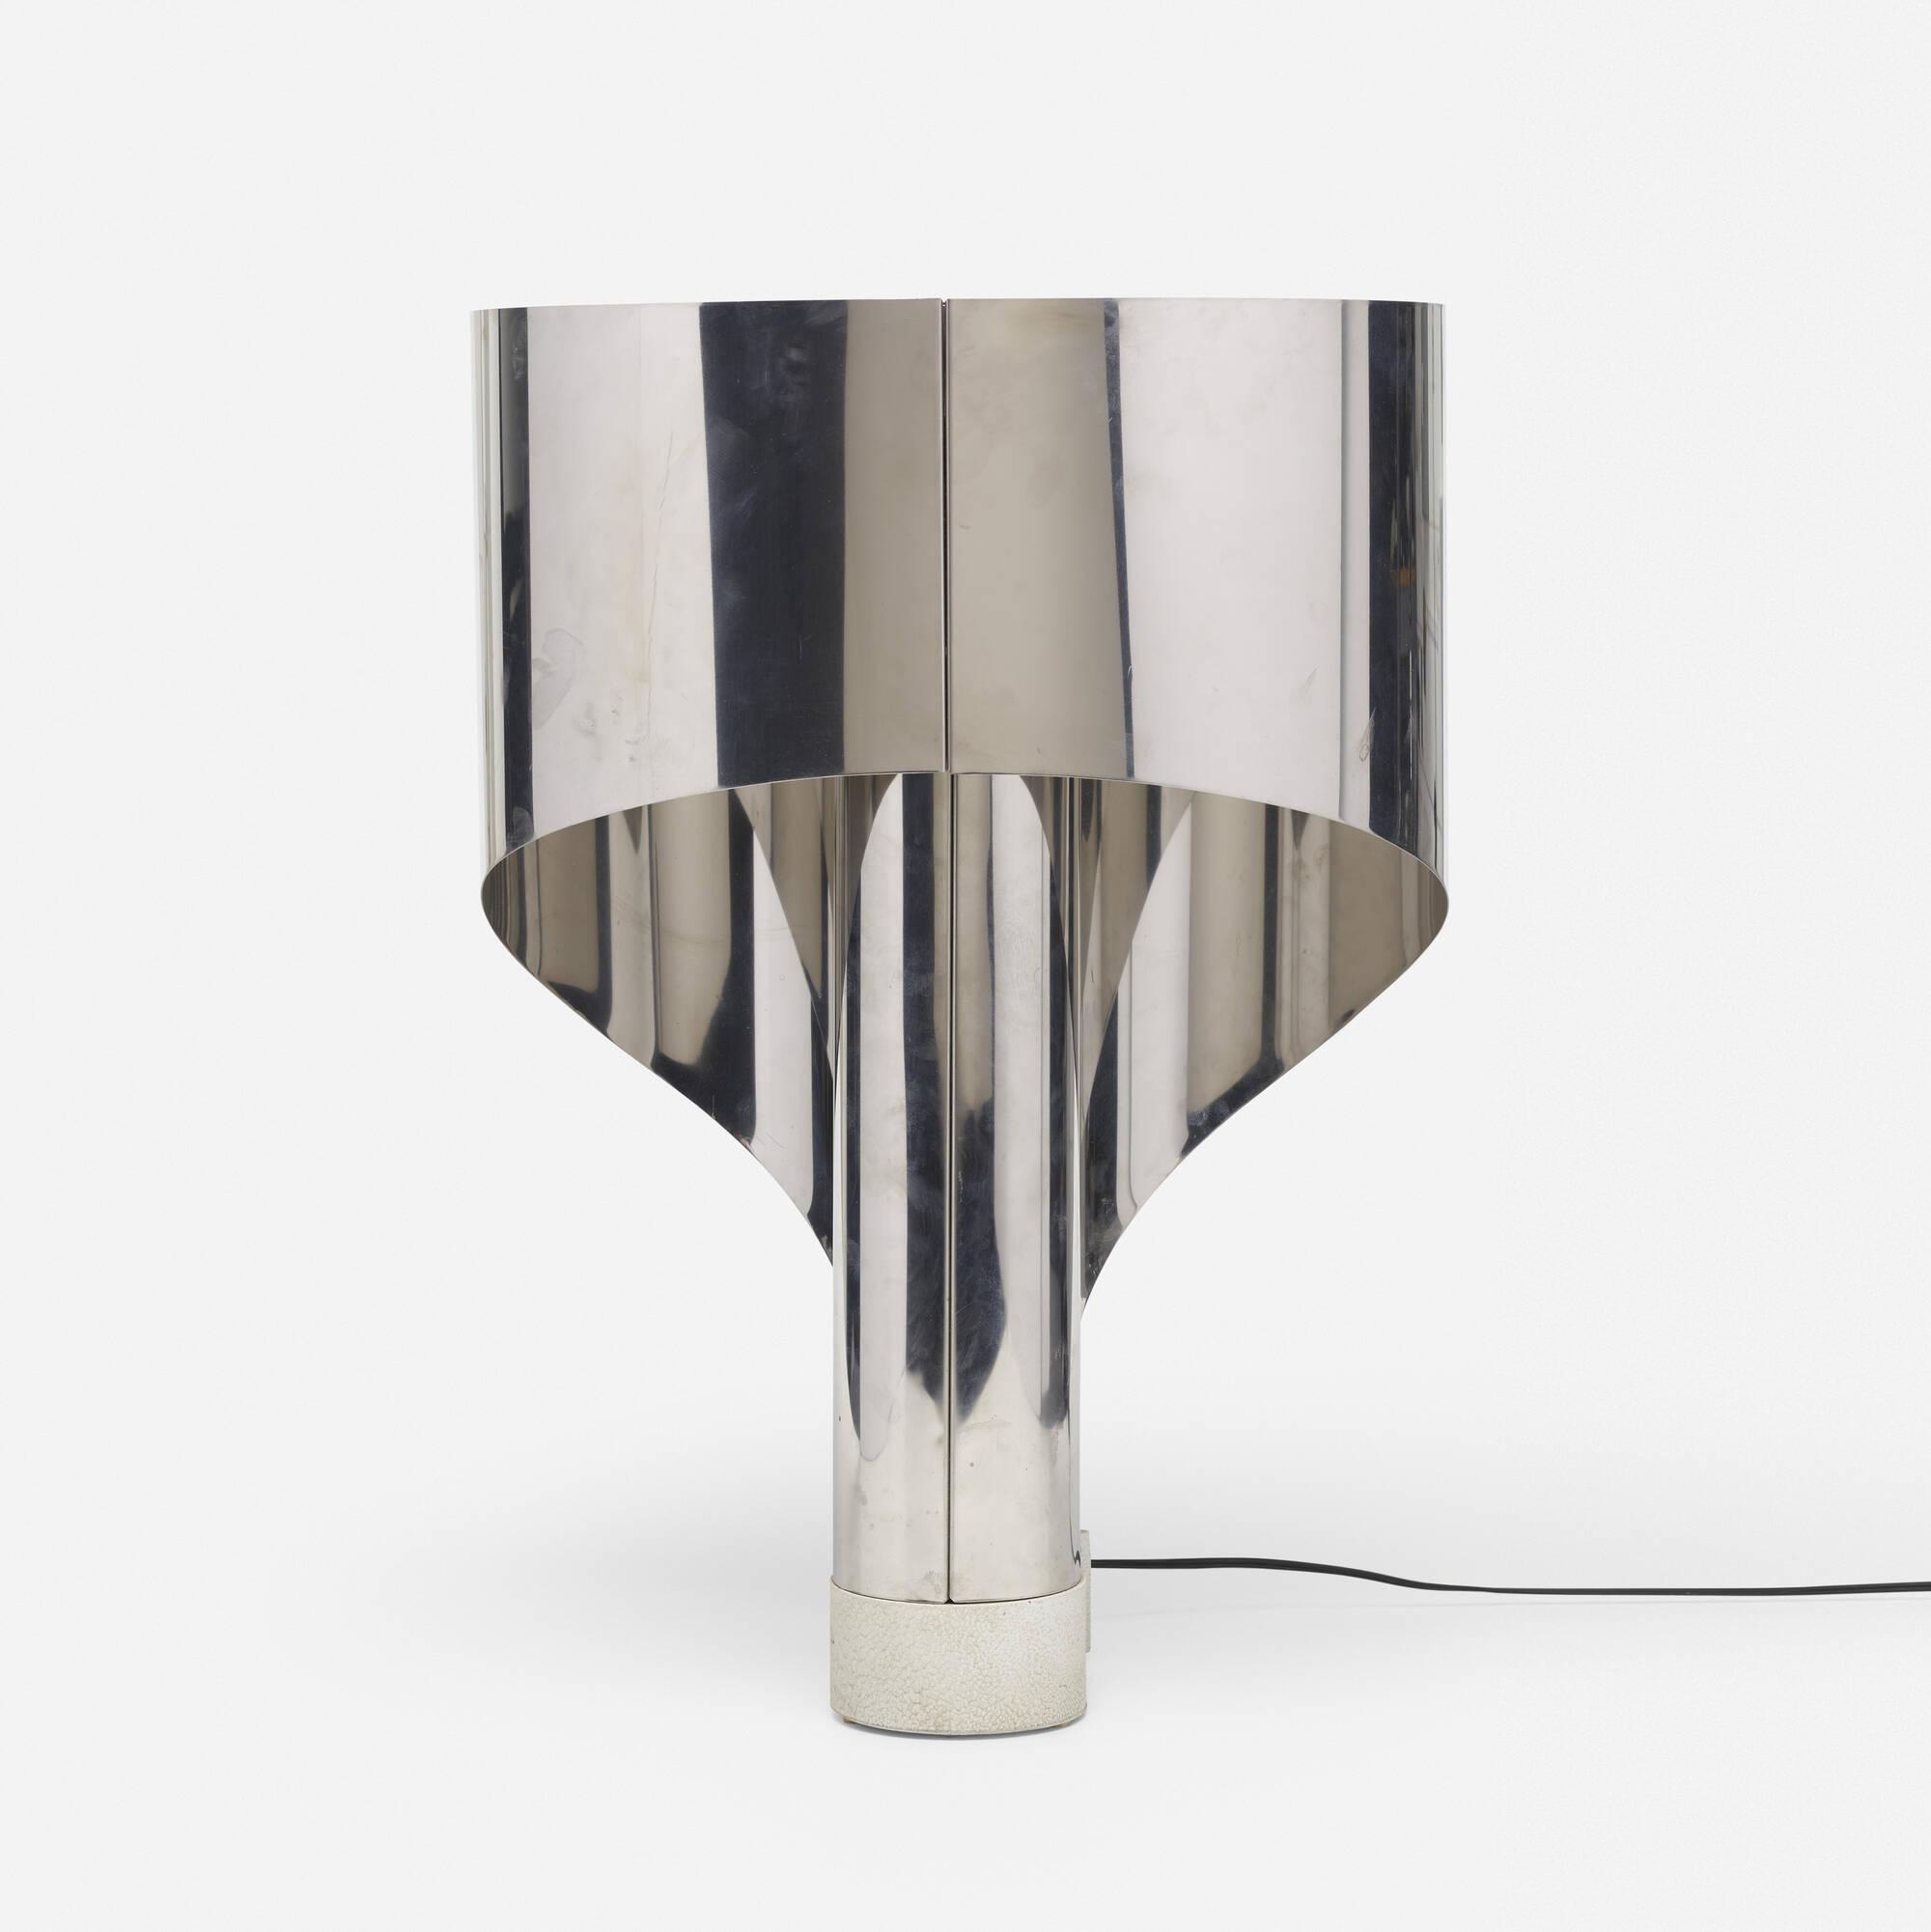 325: Stilnovo / table lamp (1 of 3)